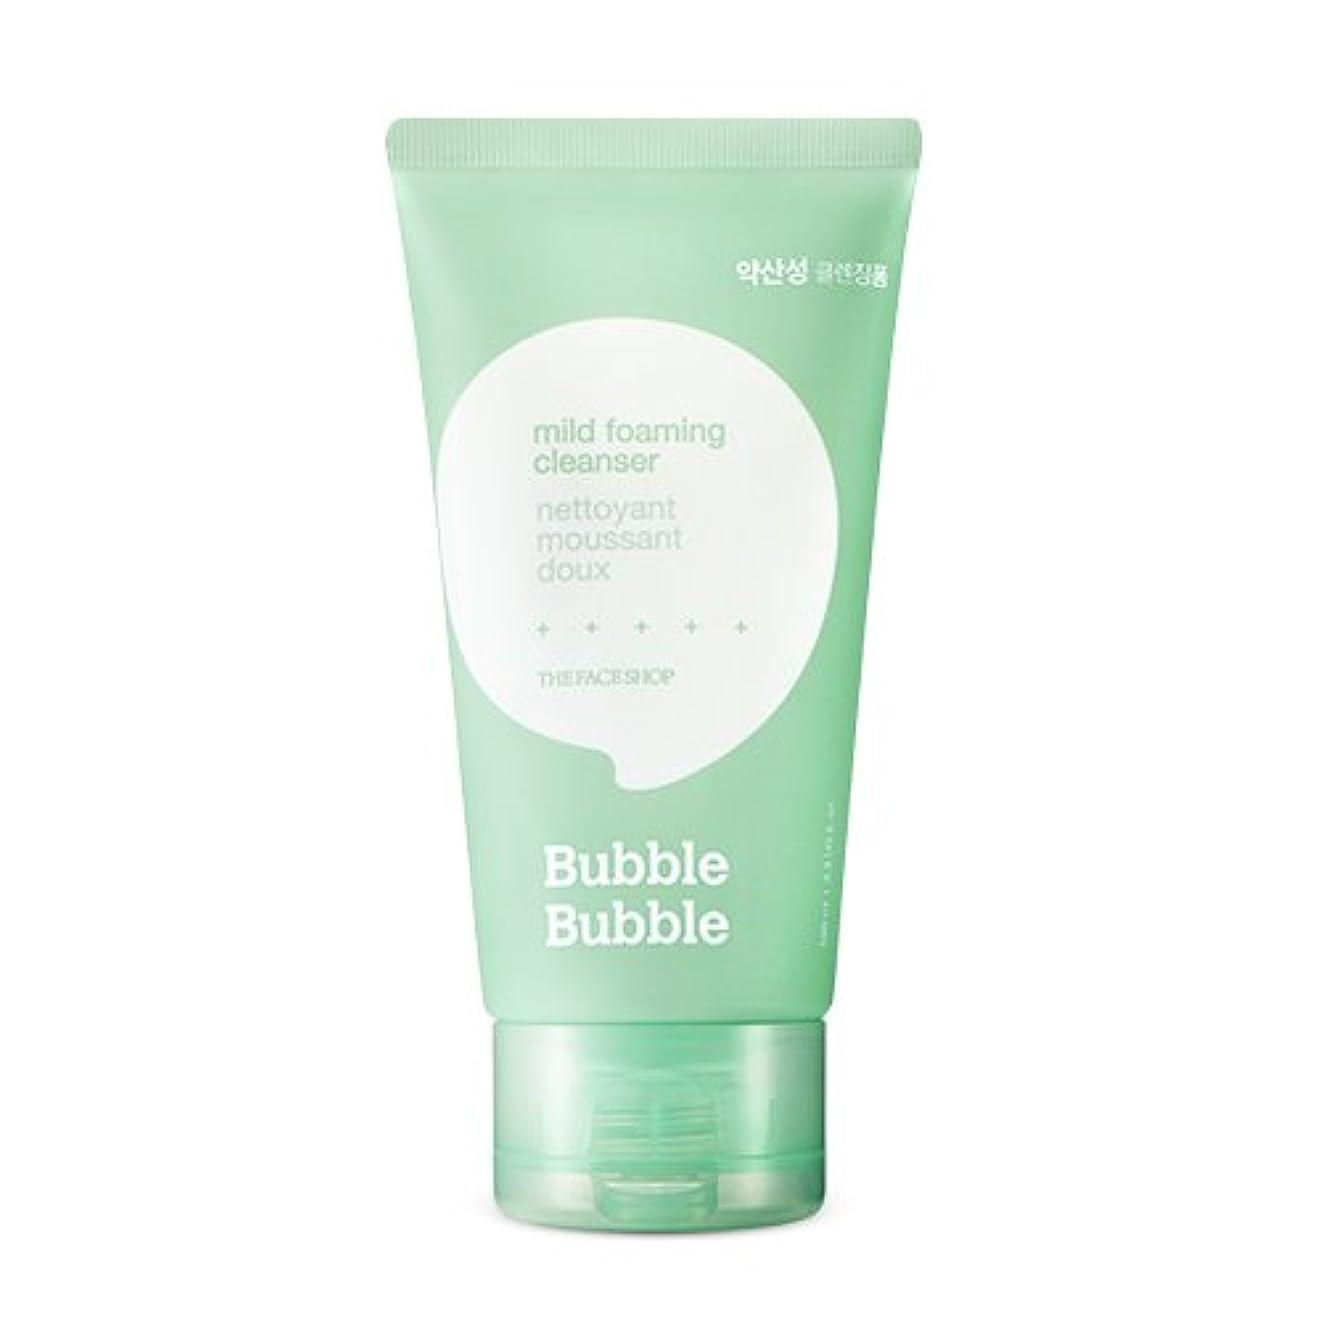 障害者米国金属THE FACE SHOP Bubble Bubble Foaming Cleanser 100ml/ザフェイスショップ バブル バブル フォーミング クレンザー 100ml (#Mild(弱酸性)) [並行輸入品]